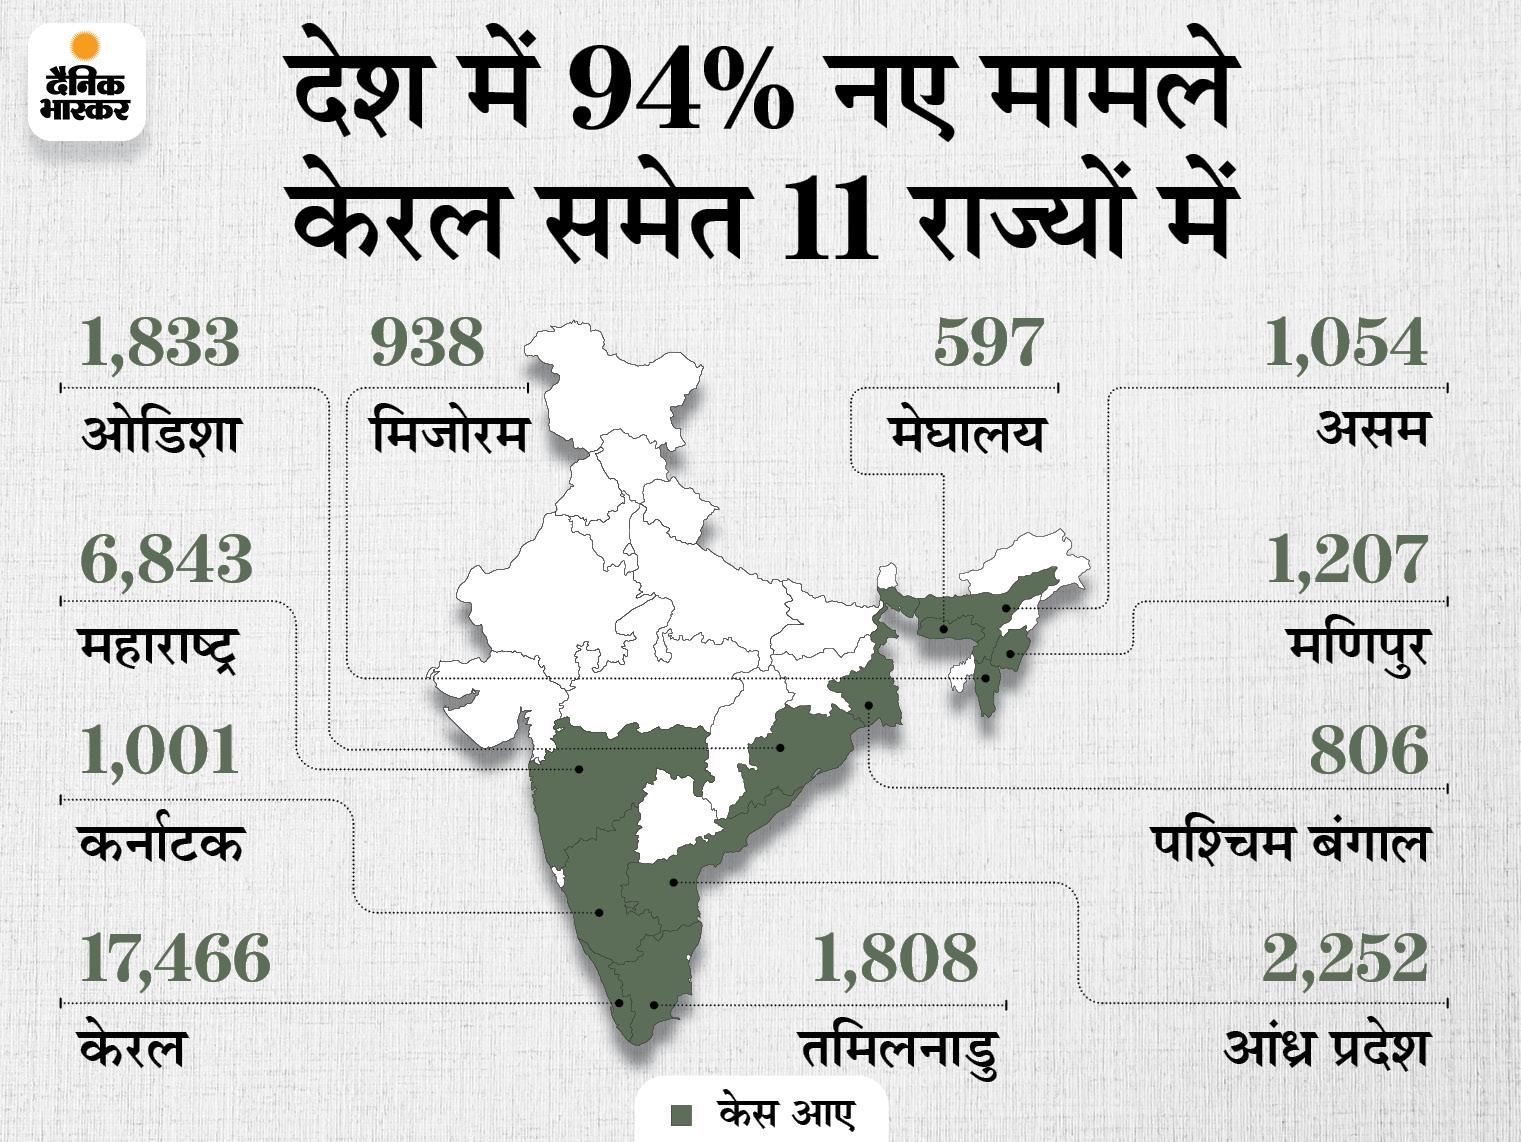 एक्टिव केस की संख्या 4 लाख से नीचे आई, महाराष्ट्र एक करोड़ लोगों को वैक्सीन के दोनों डोज देने वाला पहला राज्य बना देश,National - Dainik Bhaskar